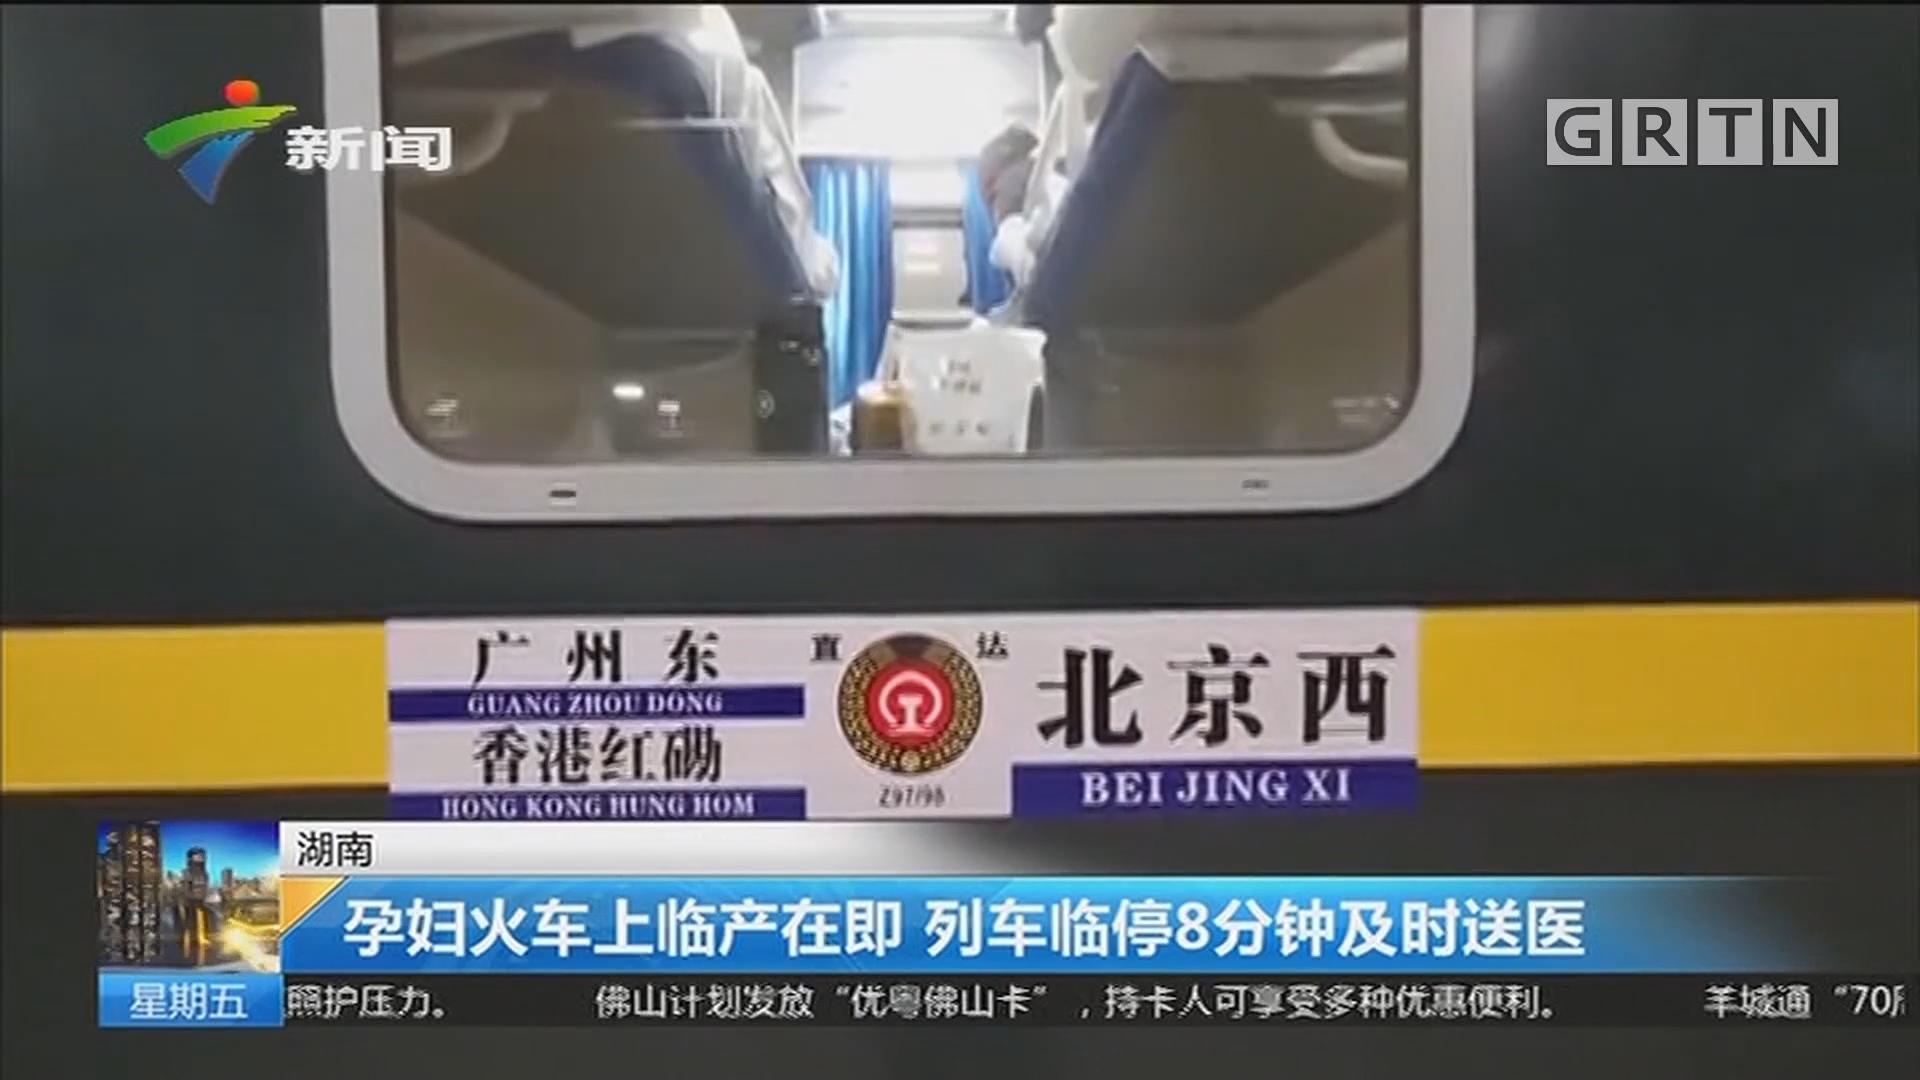 湖南 孕妇火车上临产在即 列车临停8分钟及时送医